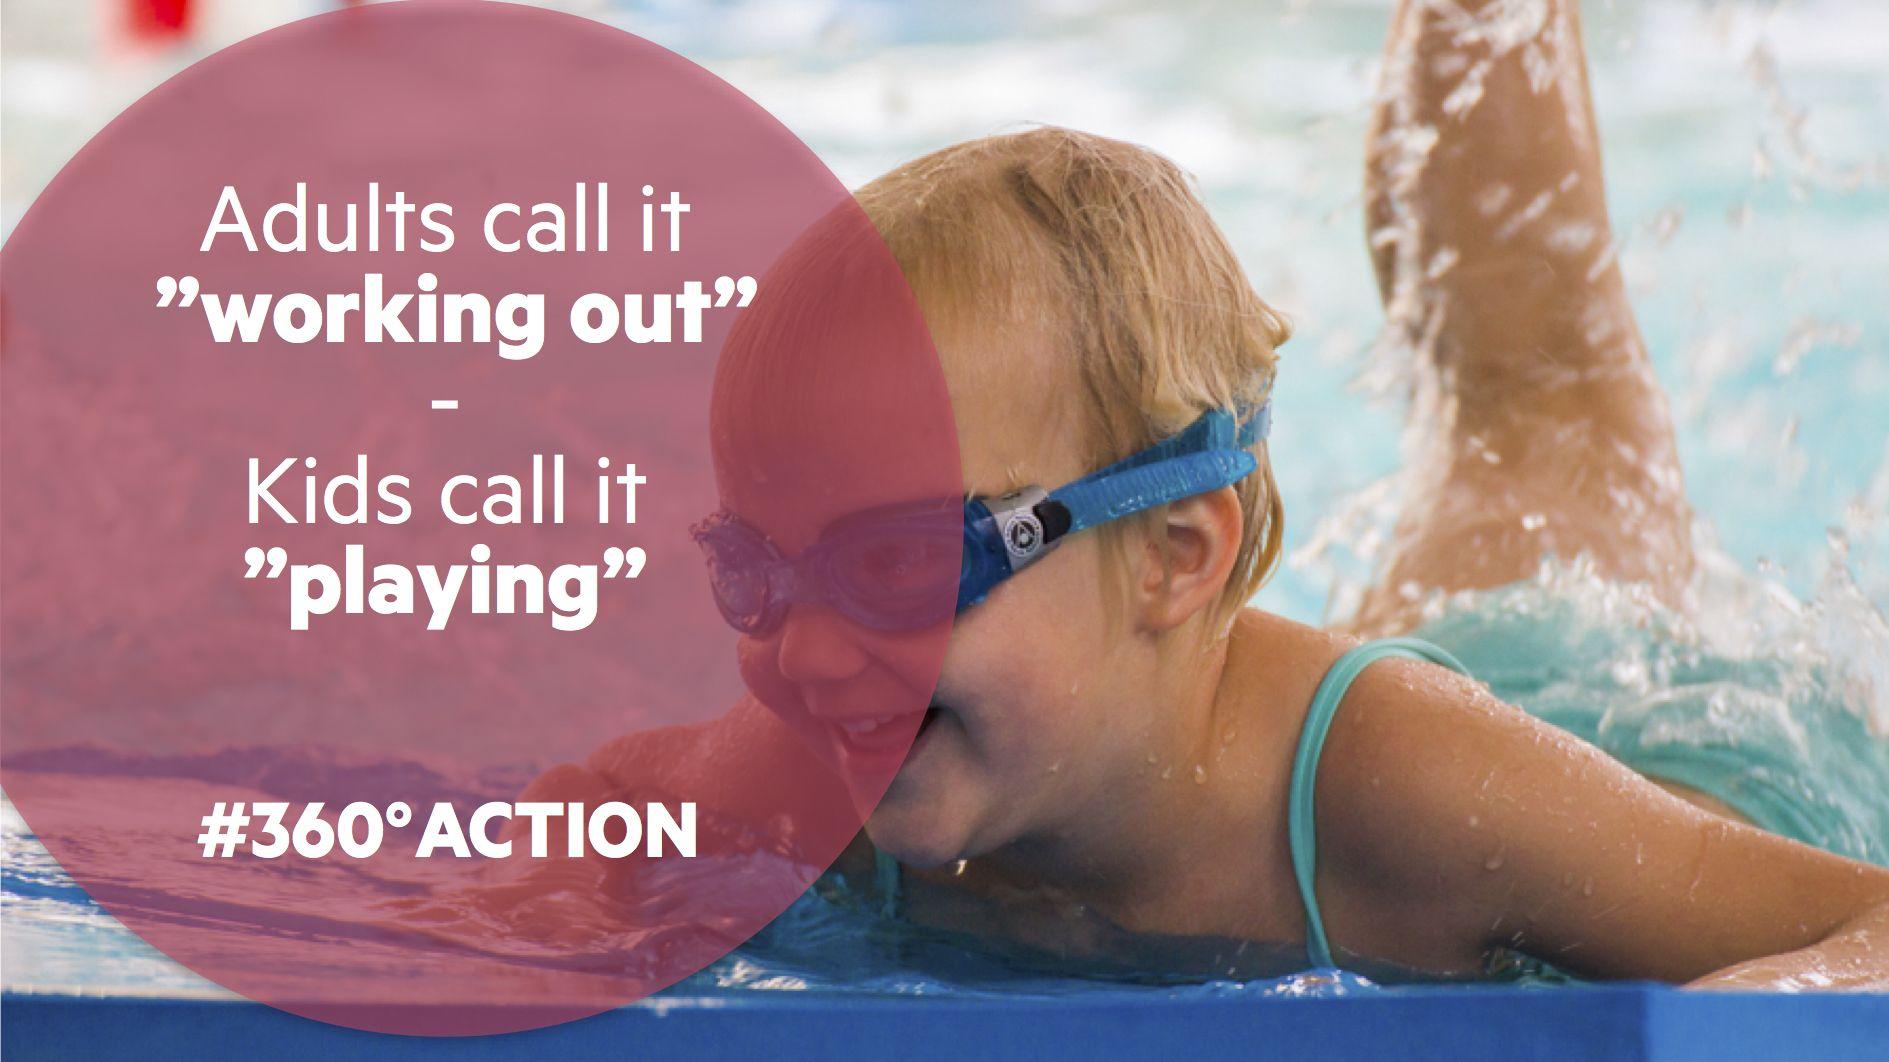 Mitäs tänään leikittäisiin? :)  #vauvauinti #uinti #lapset #liikunta  #360°ACTION  www.erimover.com